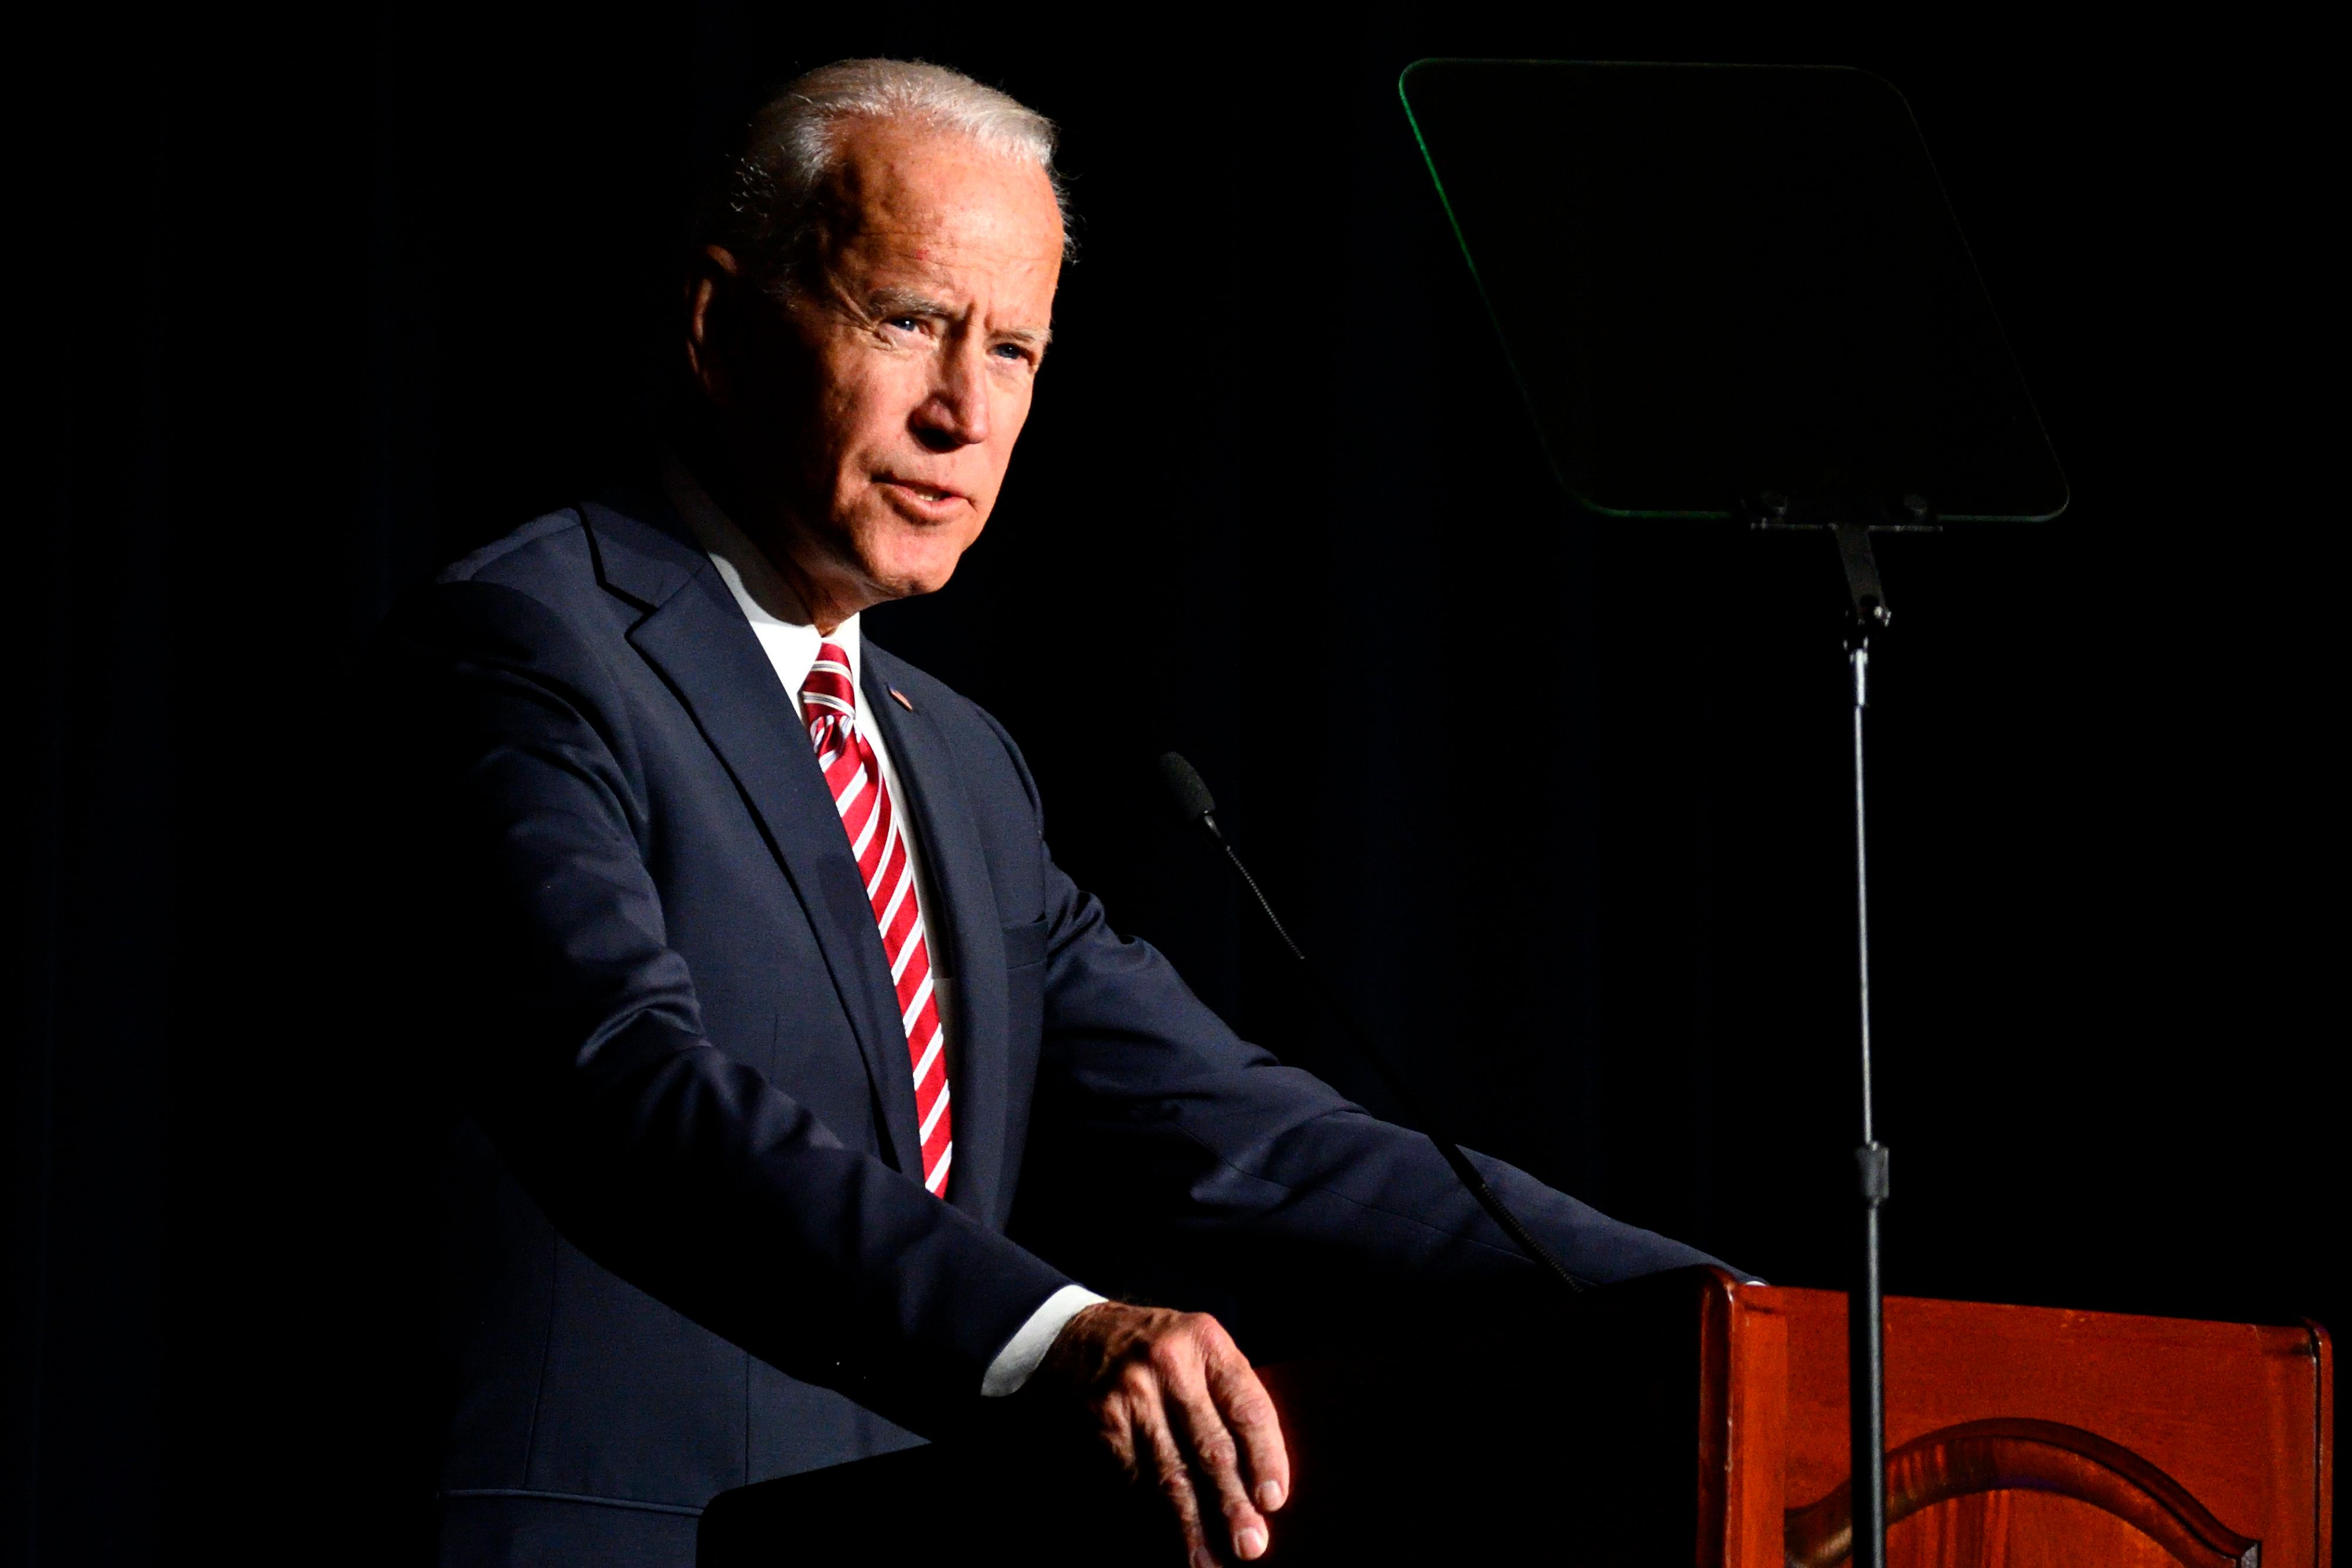 There's A Name For Joe Biden's Behavior Toward